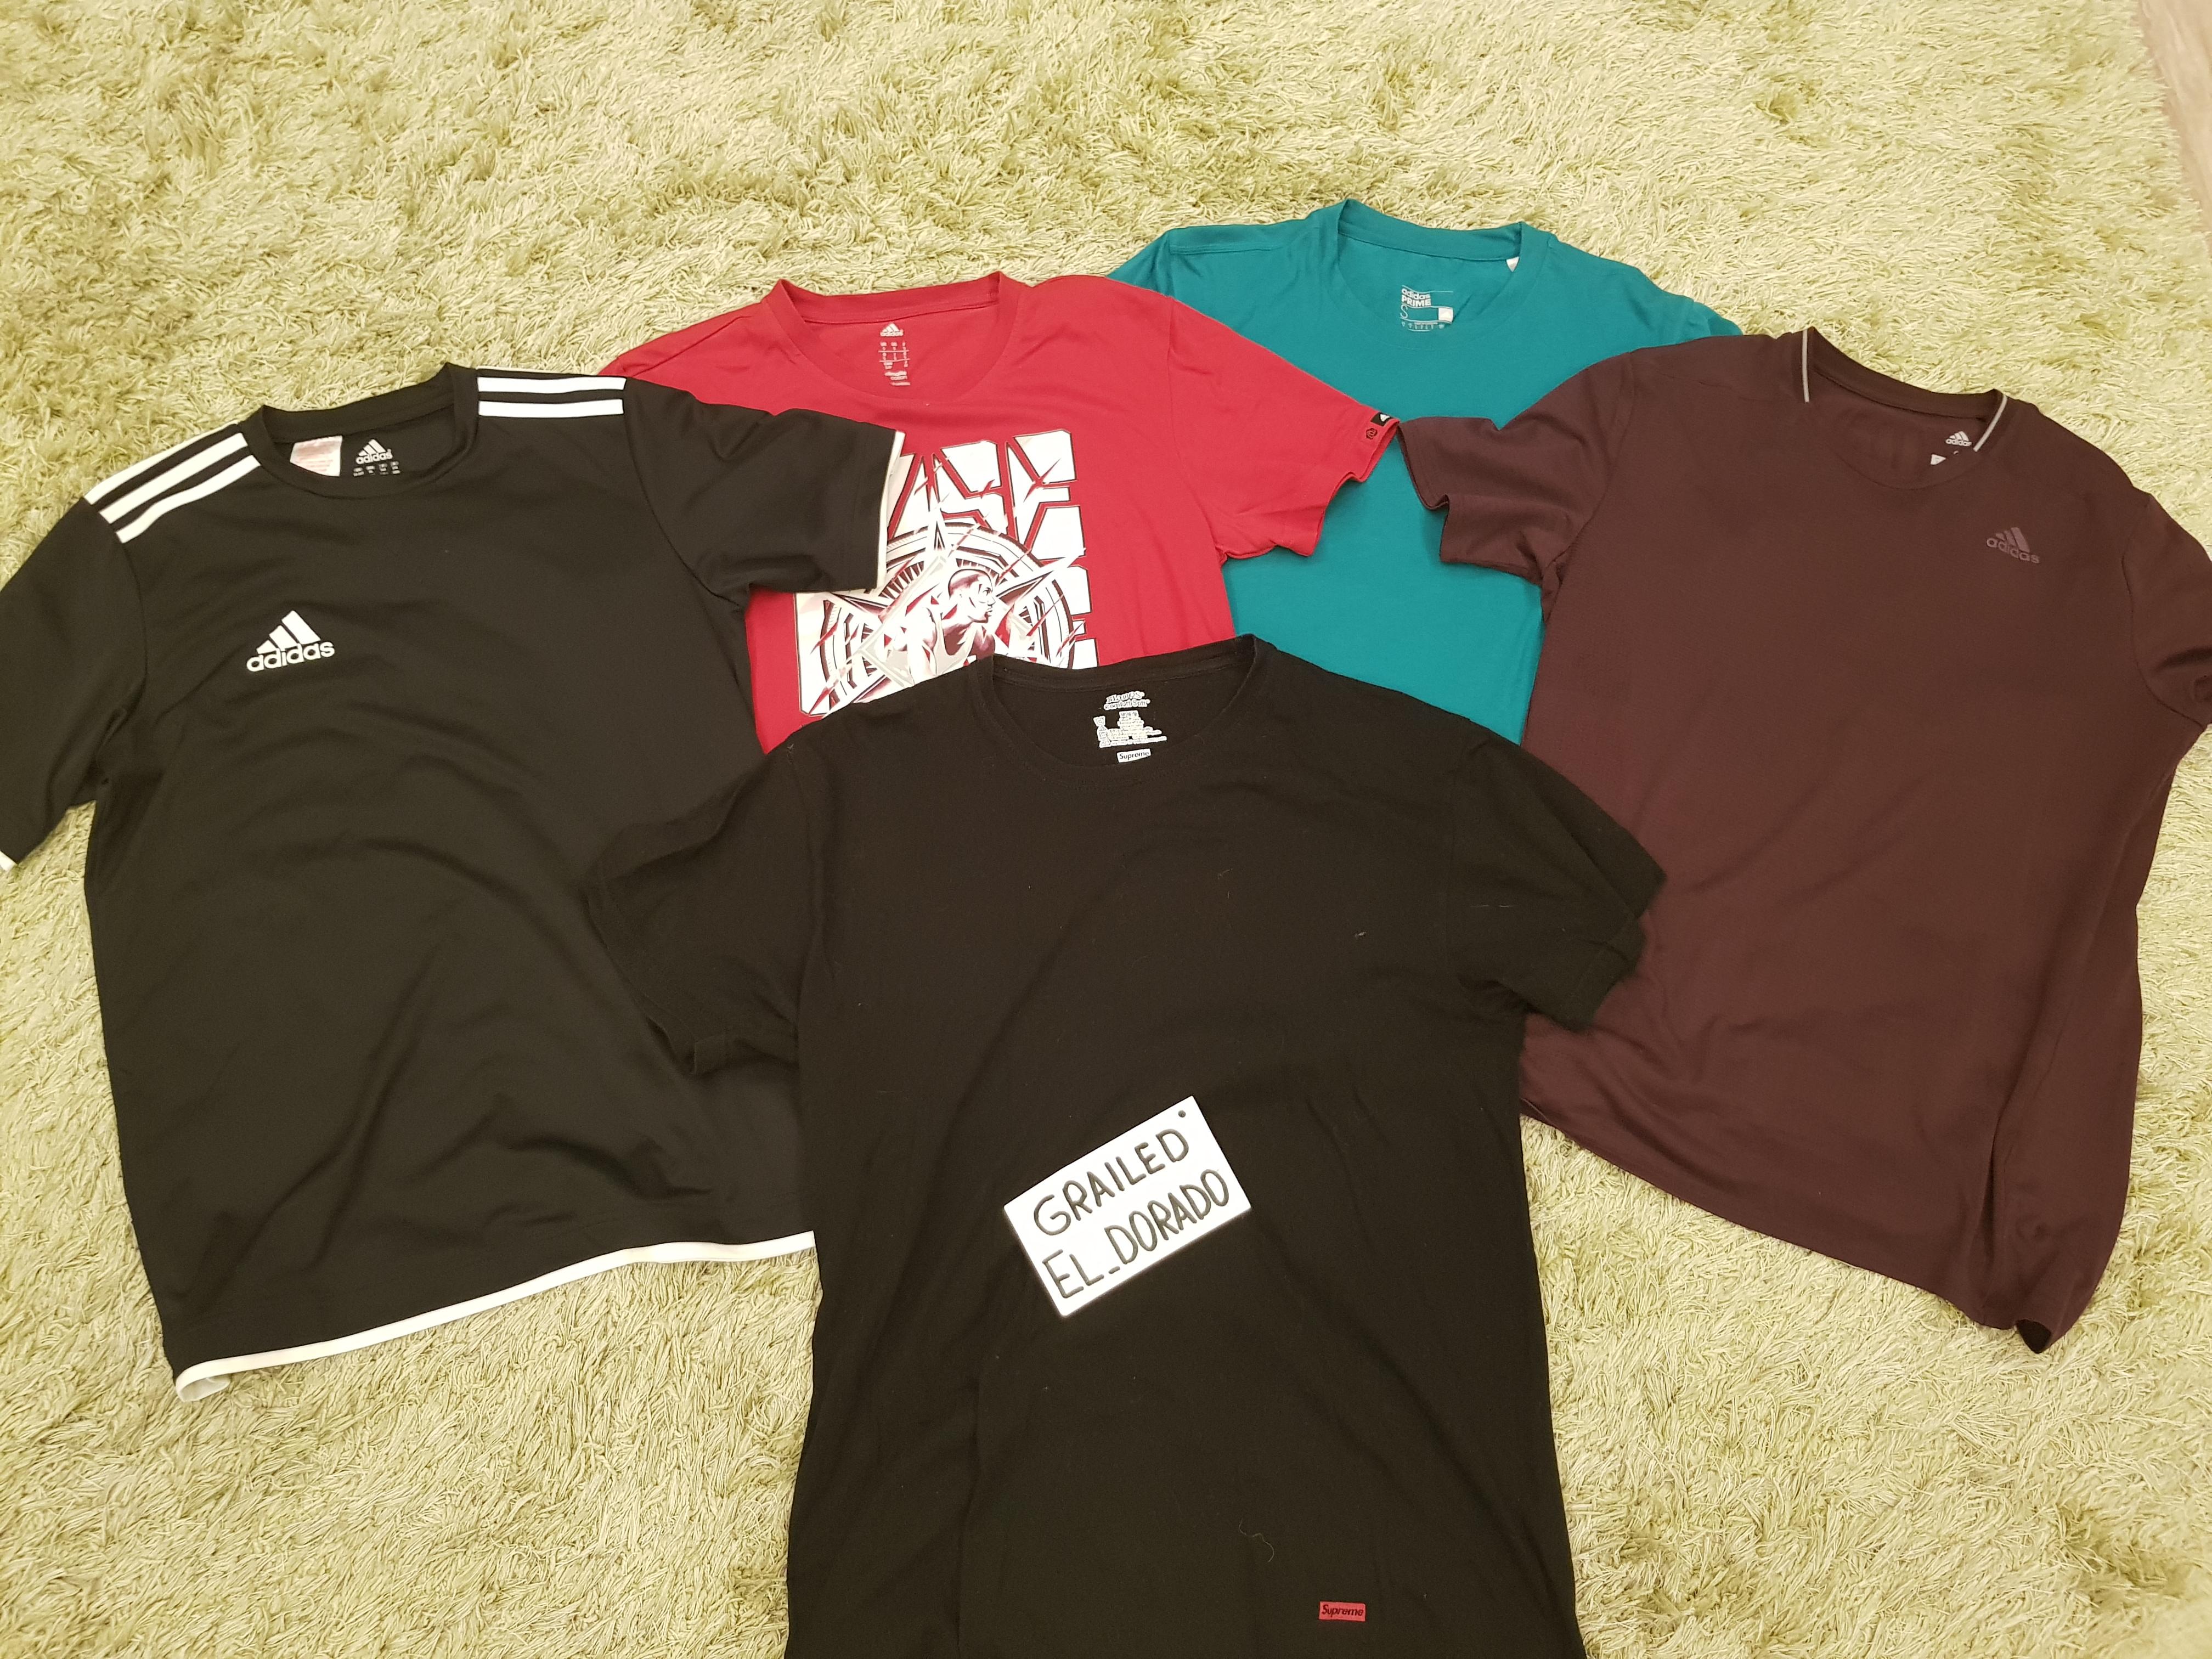 prezzo folle bellissimo stile migliori offerte su Supreme Adidas X Supreme T-shirt Pack   Grailed